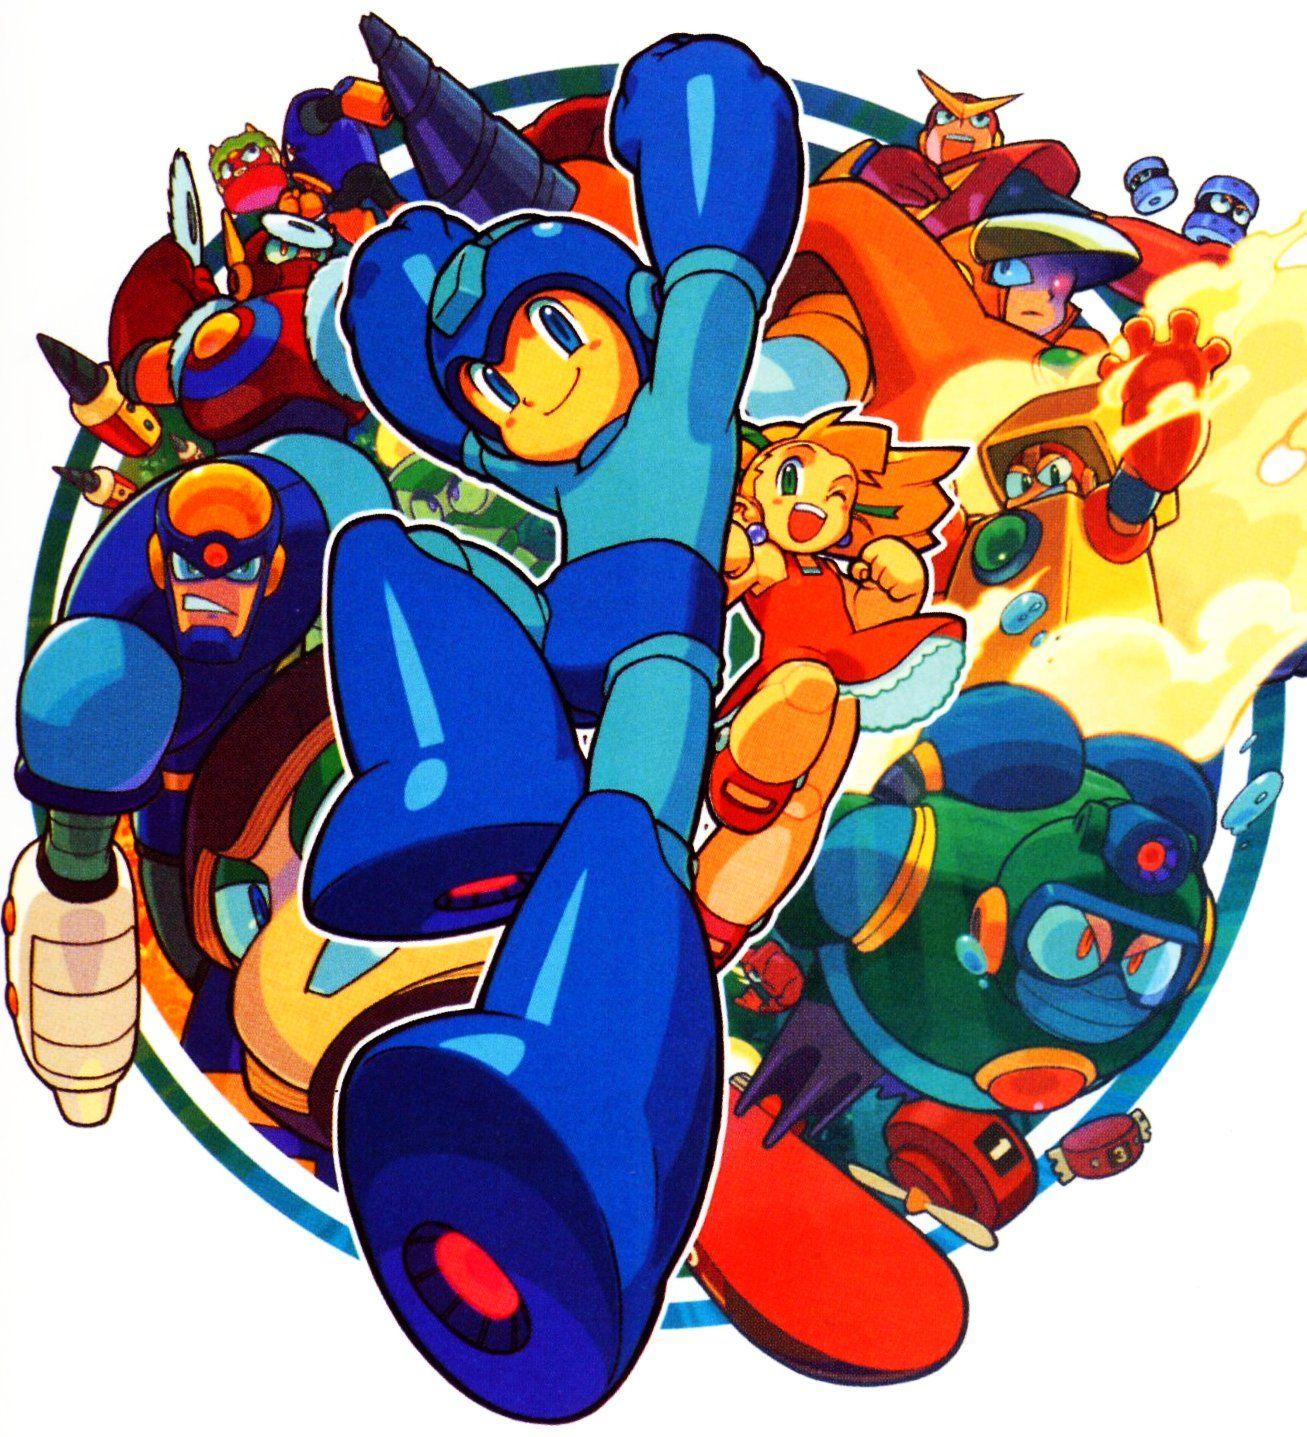 MegaMan Mega man, Mega man 2, Marvel vs